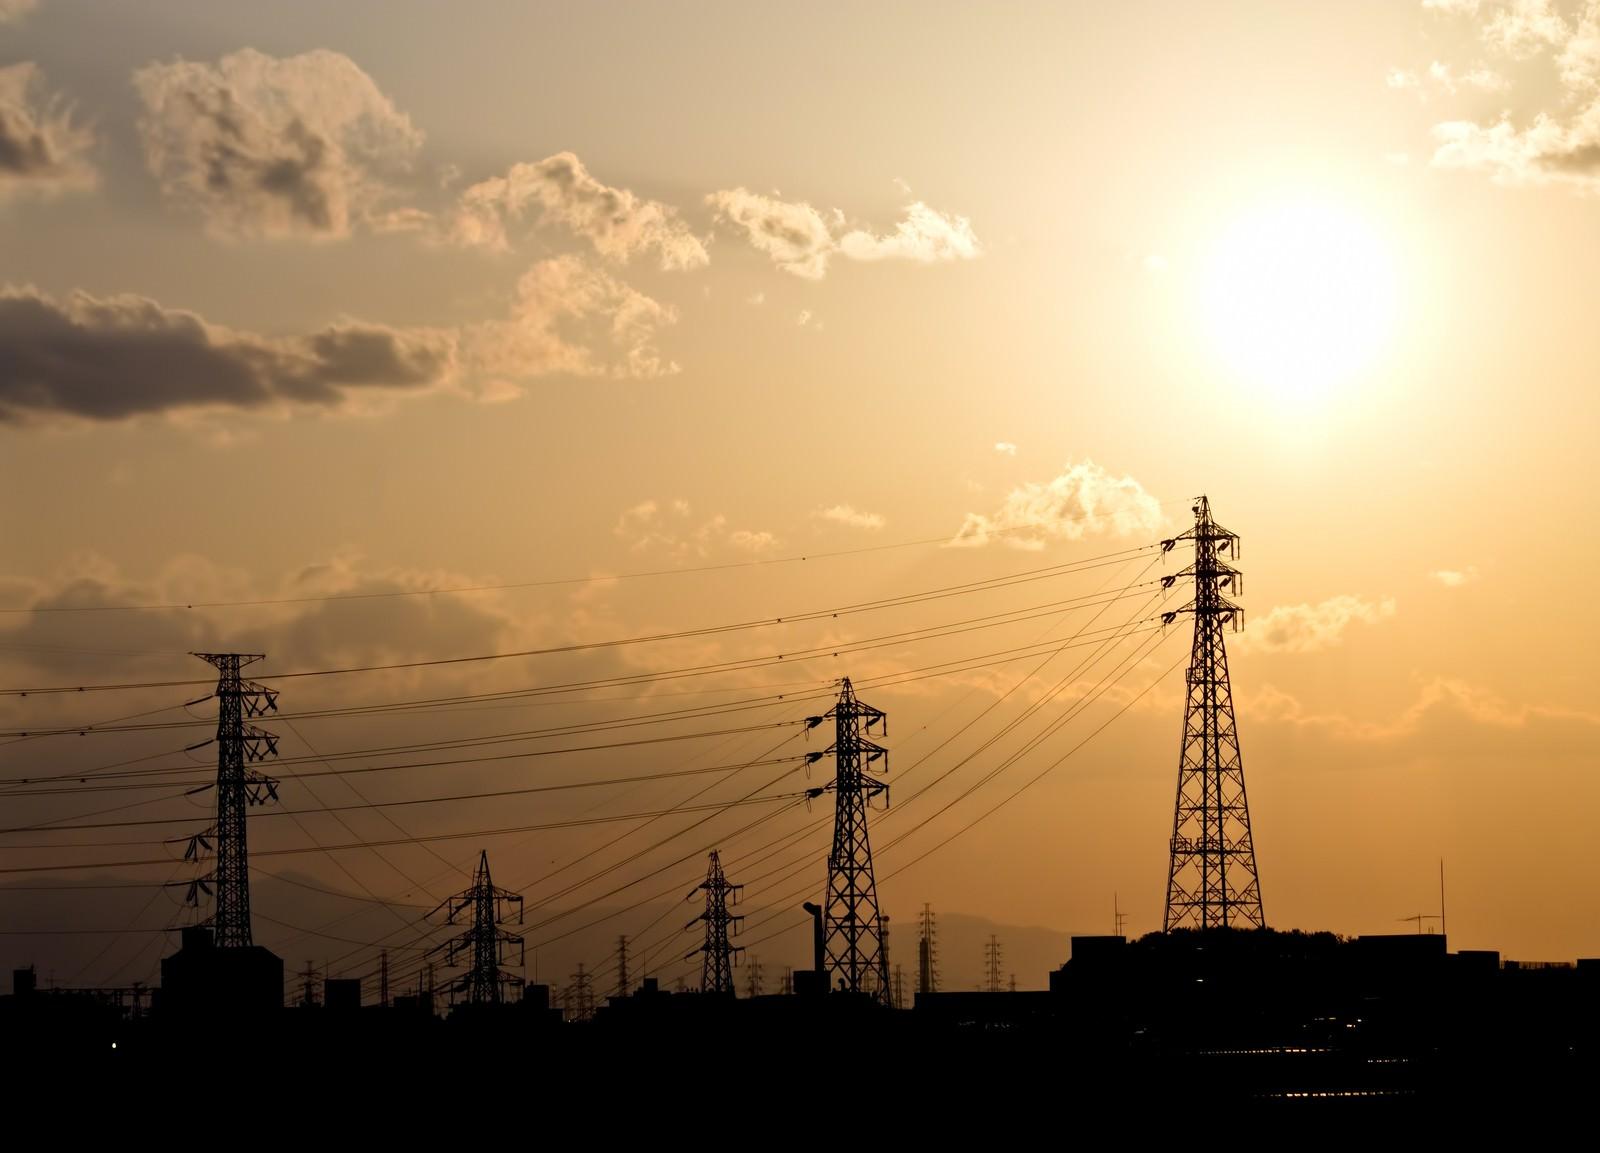 「送電線と夕焼けの光景」の写真